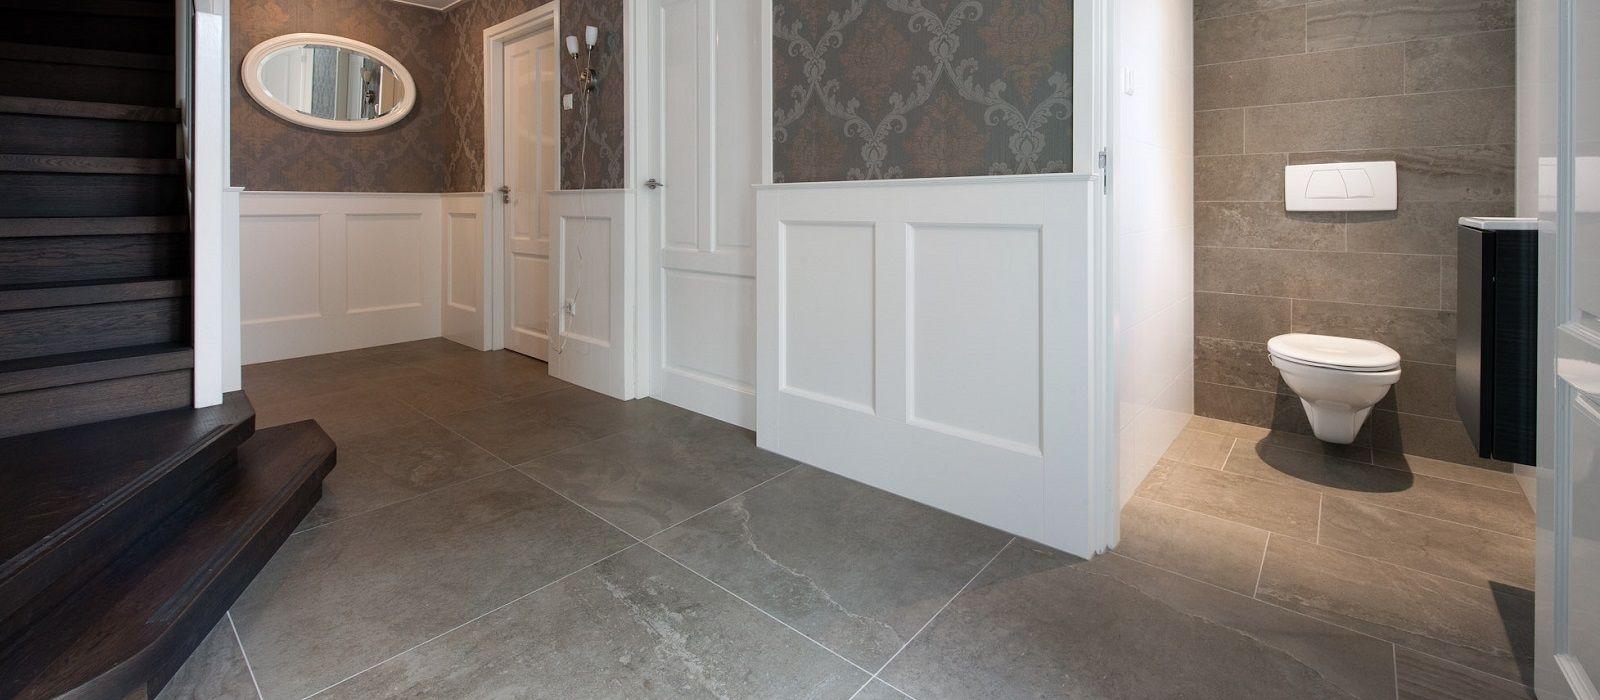 Vloeren en tegels specialist stenen vloeren kroon vloeren - Kamer parket ...